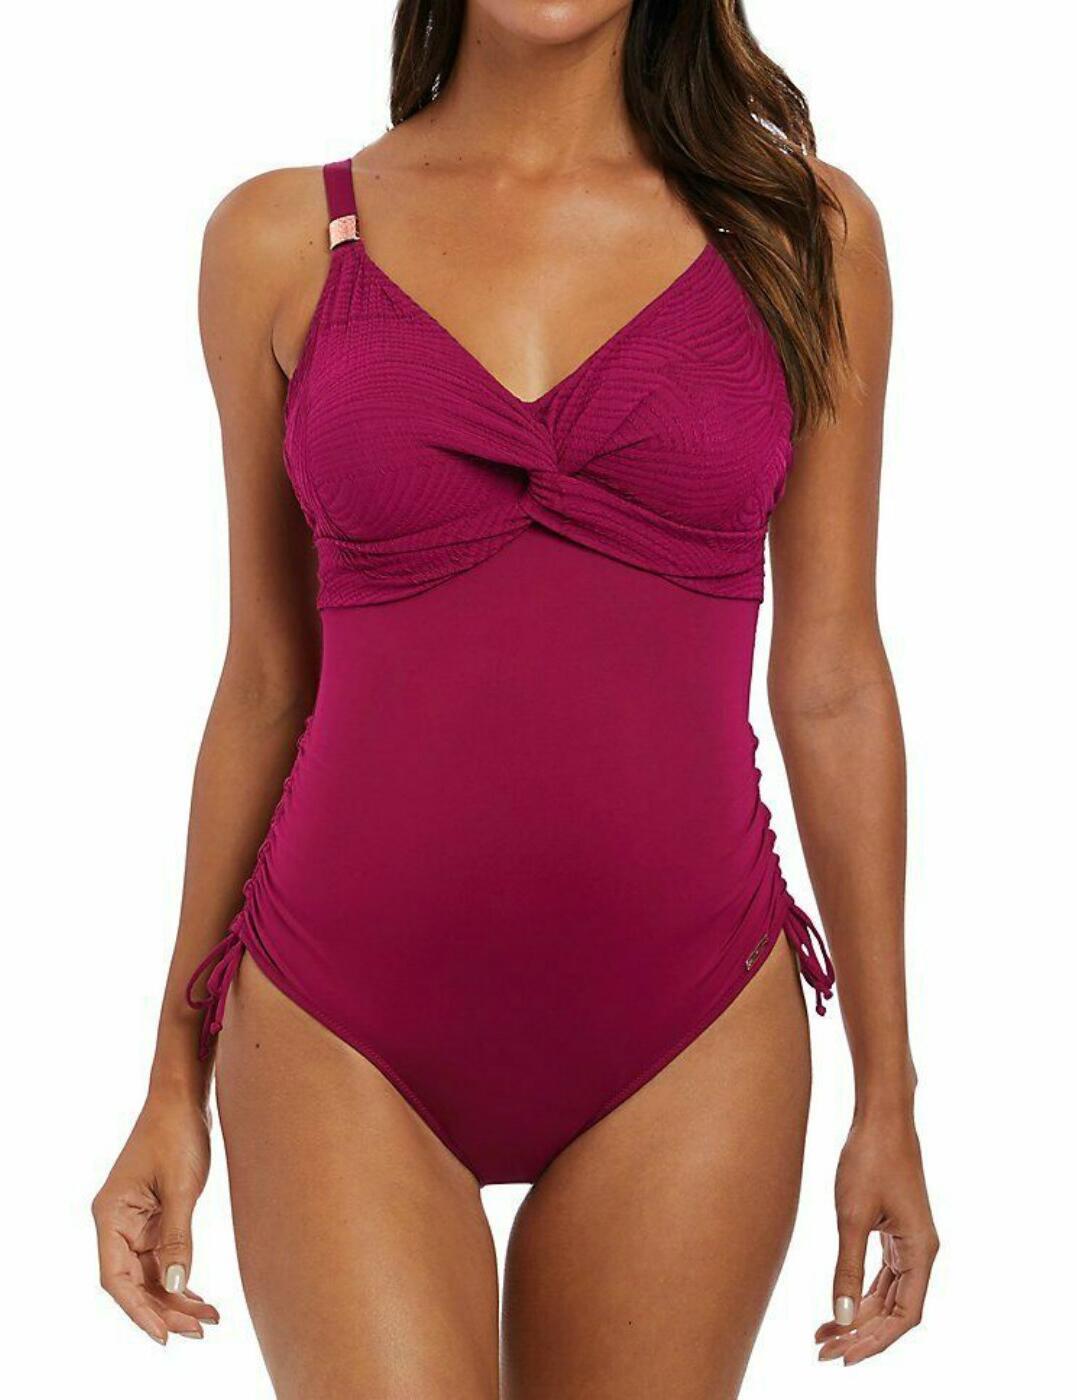 6360 Fantasie Ottawa Twist Front Swimsuit - 6360 Mulberry